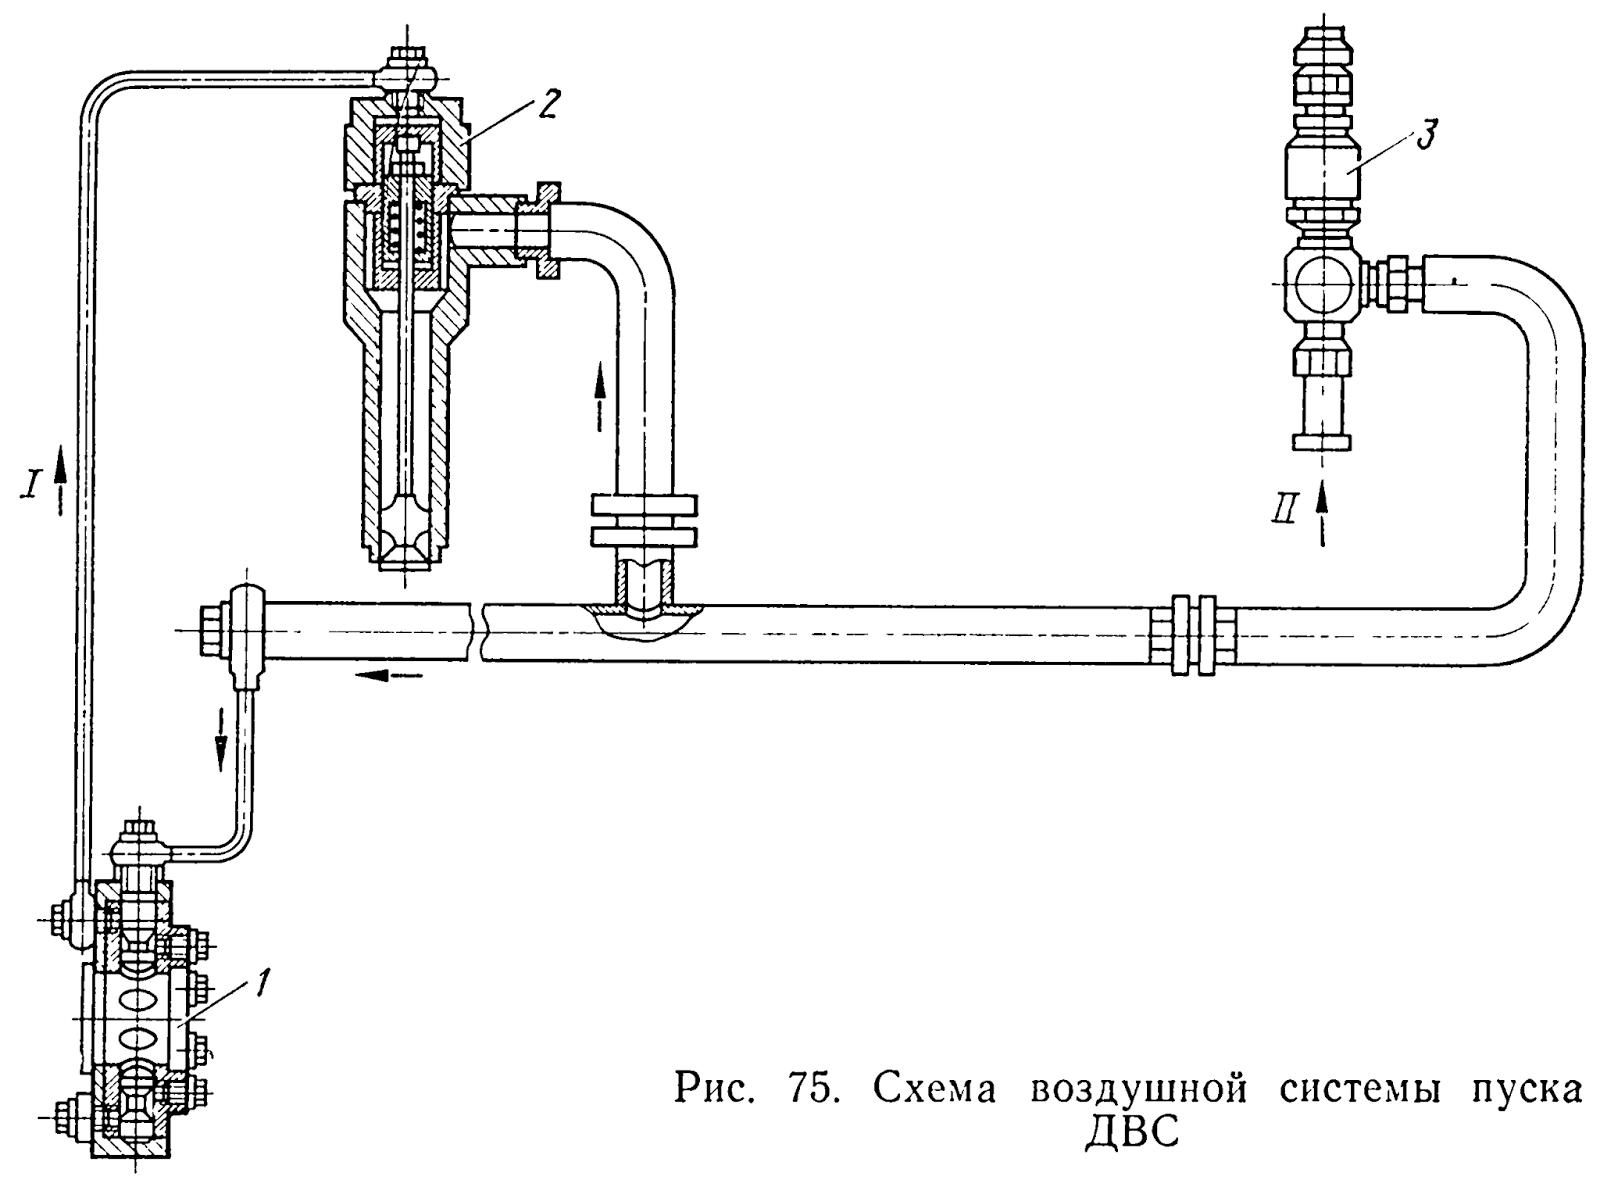 электрическая схема пускового устройства